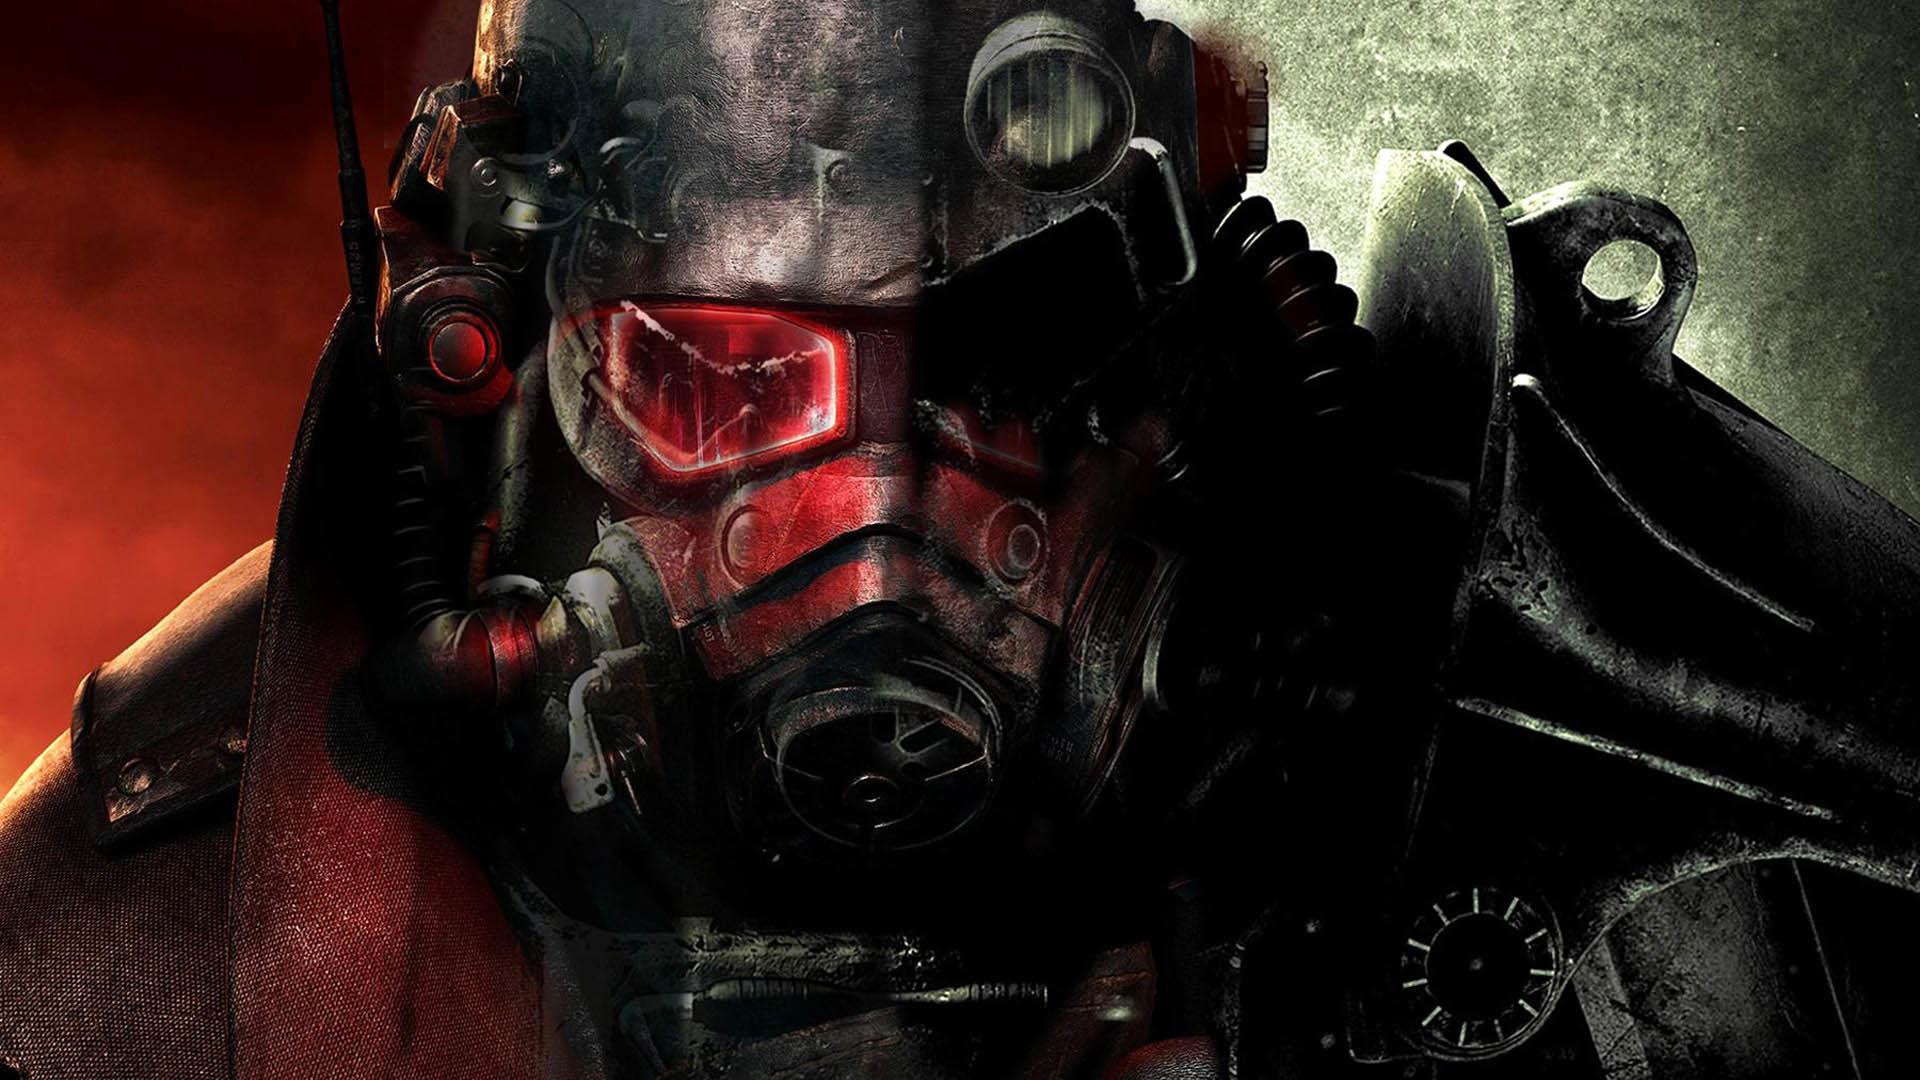 Fallout 4 Armor Concept Art wallpaper